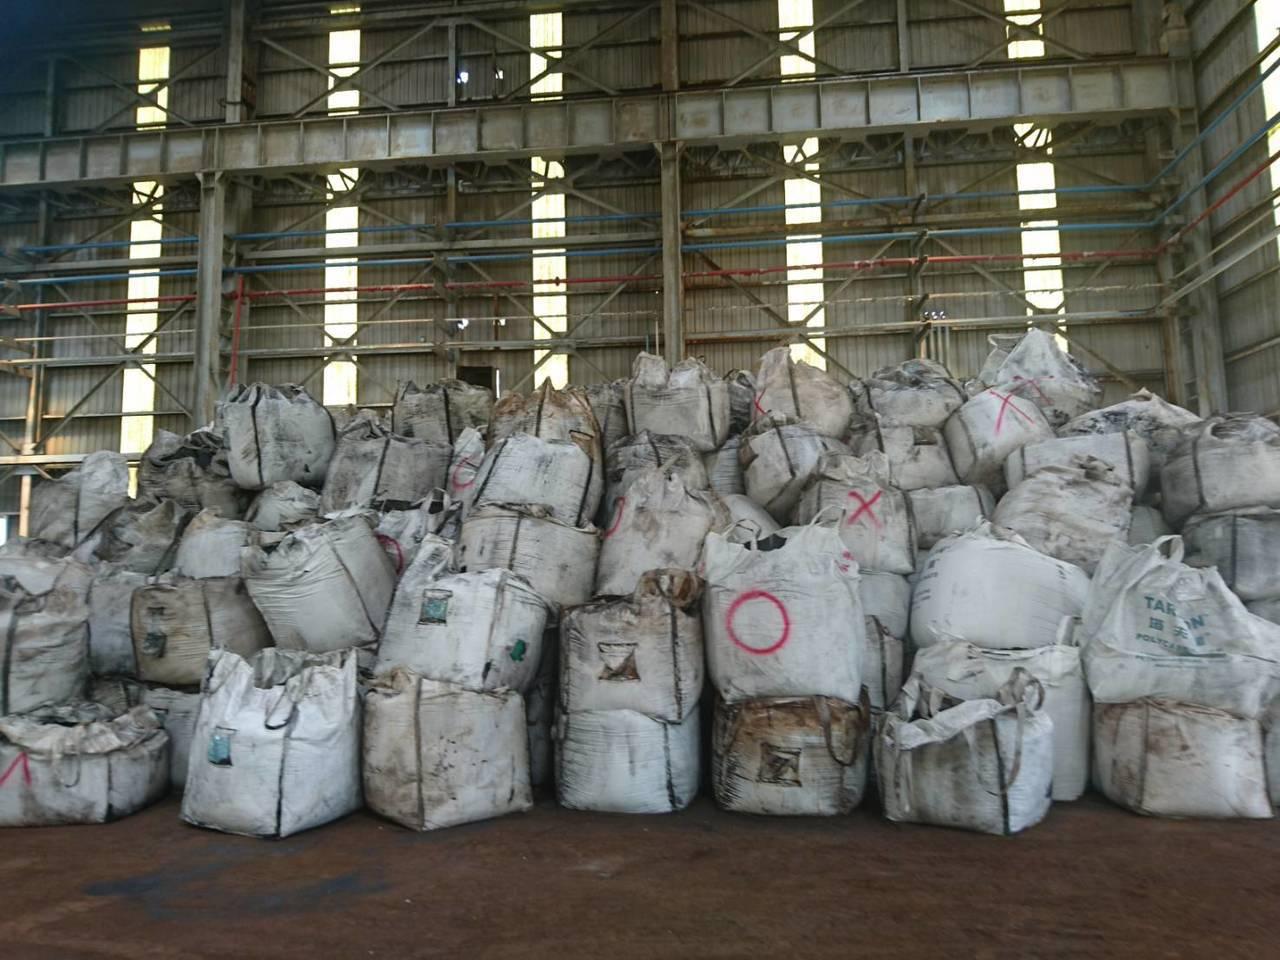 檢方初步計算千興公司涉嫌就地掩埋事業廢棄物約1萬3600公噸。記者邵心杰/翻攝 ...